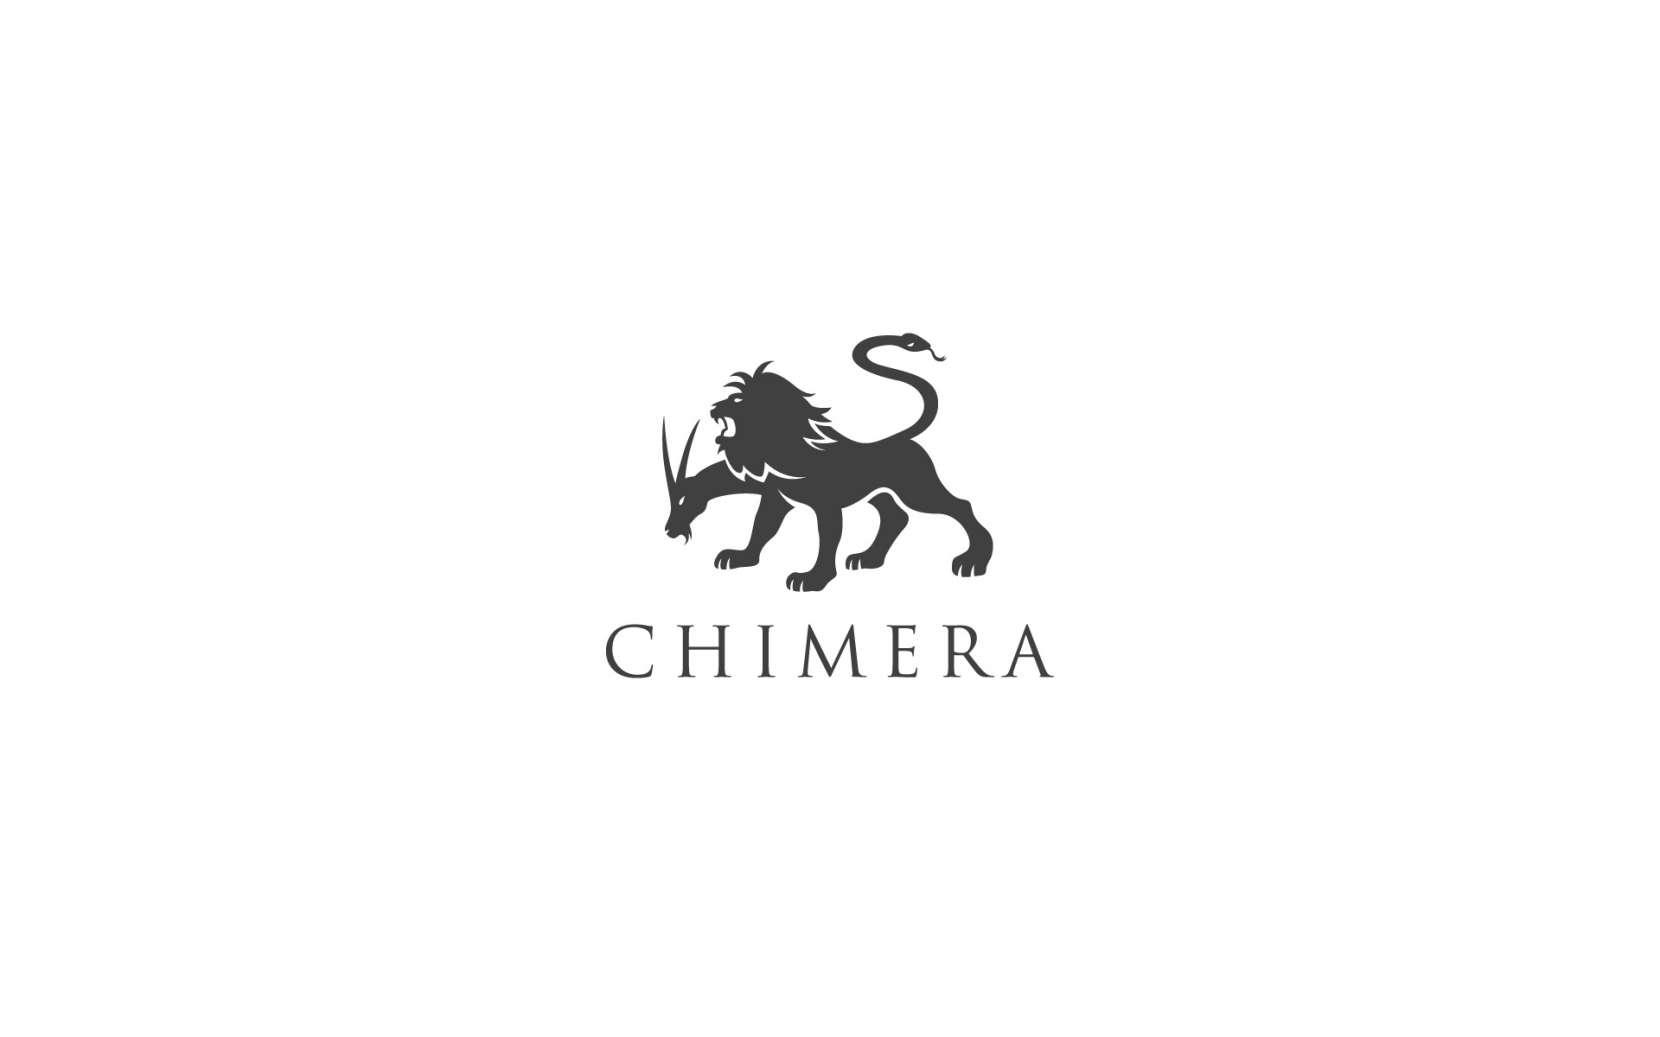 Chimera.jpg